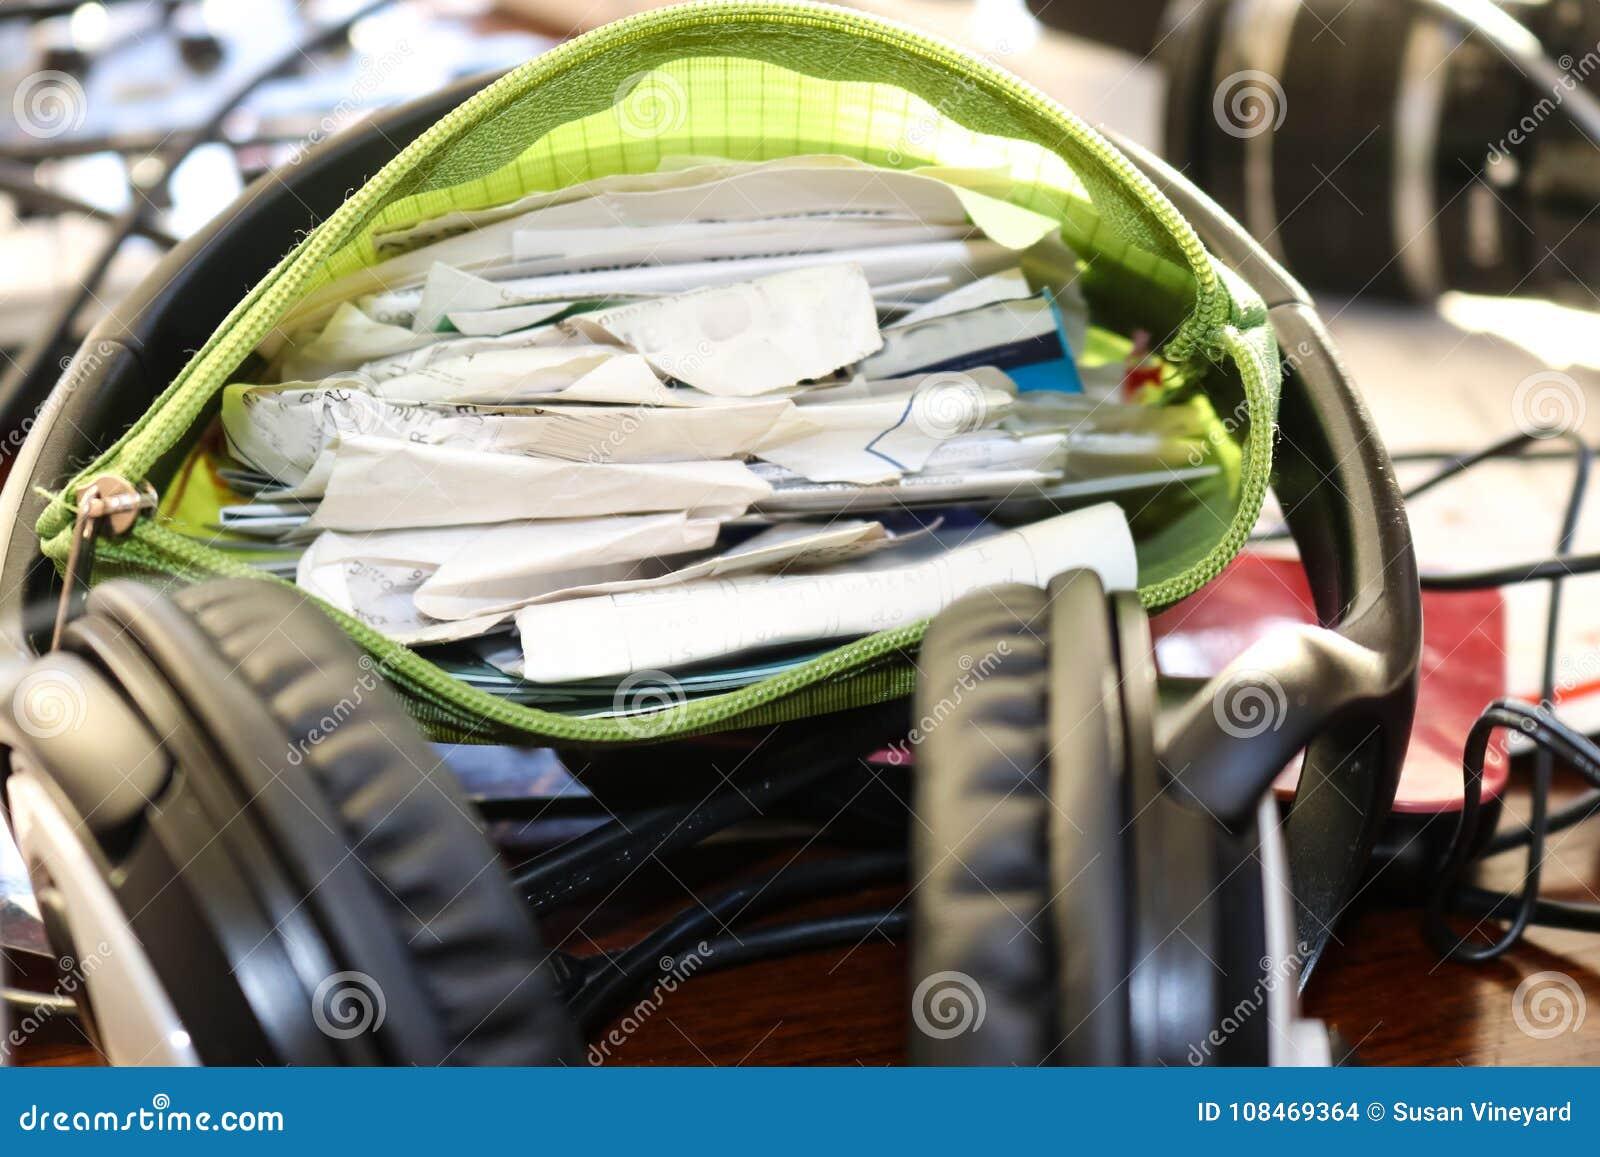 Ο χρόνος να γίνει η δαπάνη υποβάλλει έκθεση - ένα πράσινο σύνολο σακουλών zippup των παραλαβών καθμένος στον κύκλο ενός ακουστικο